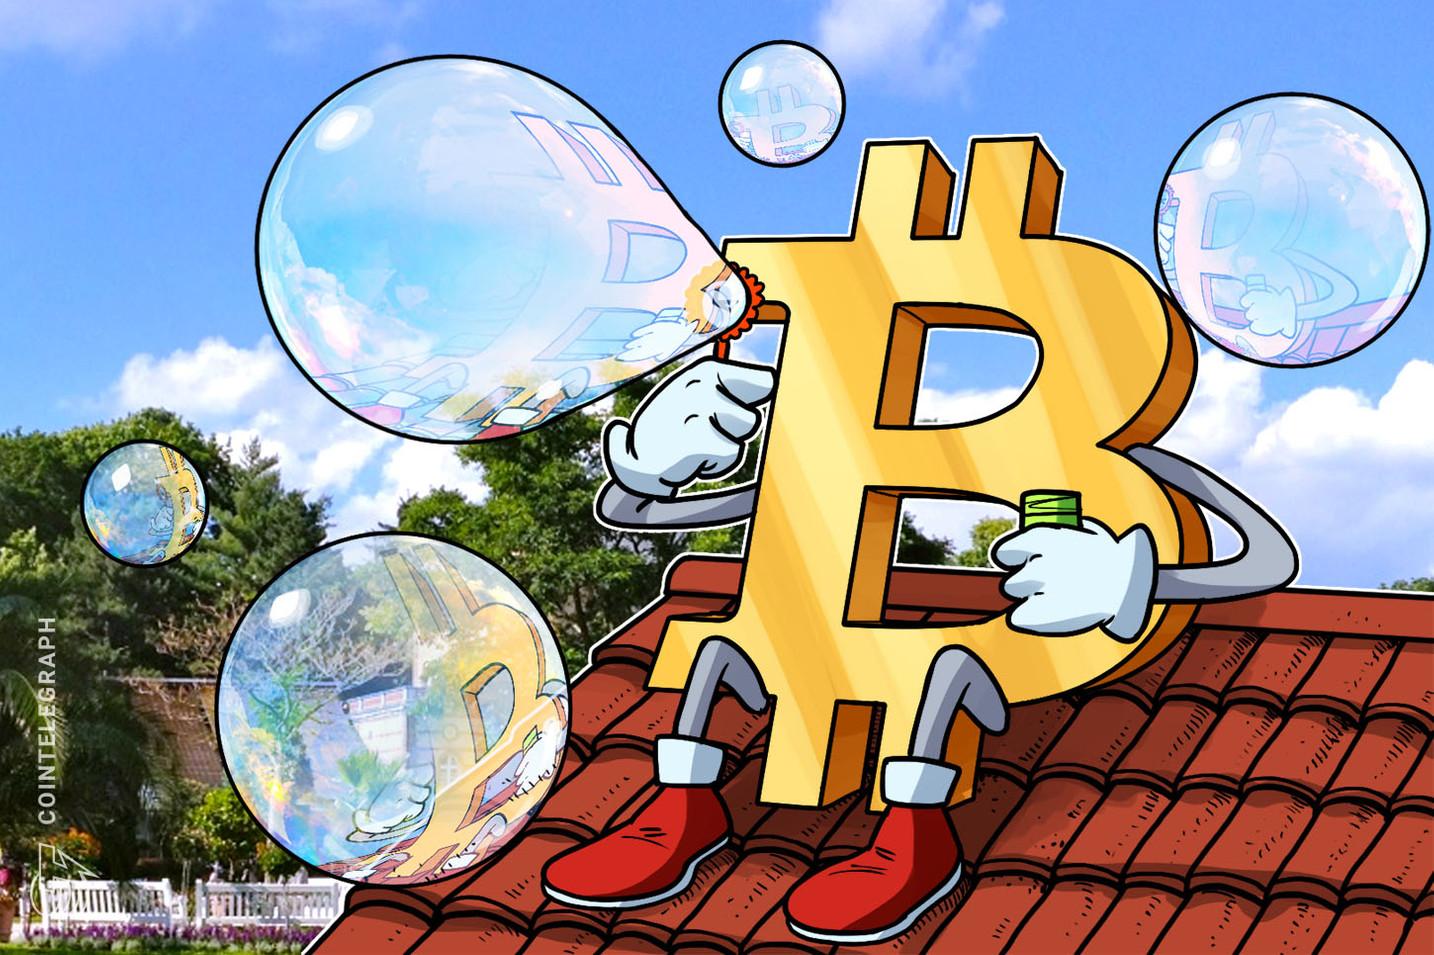 """Ciclo de """"bolha"""" do Bitcoin é mais otimista do que o da Amazon nos dias da era do pontocom"""